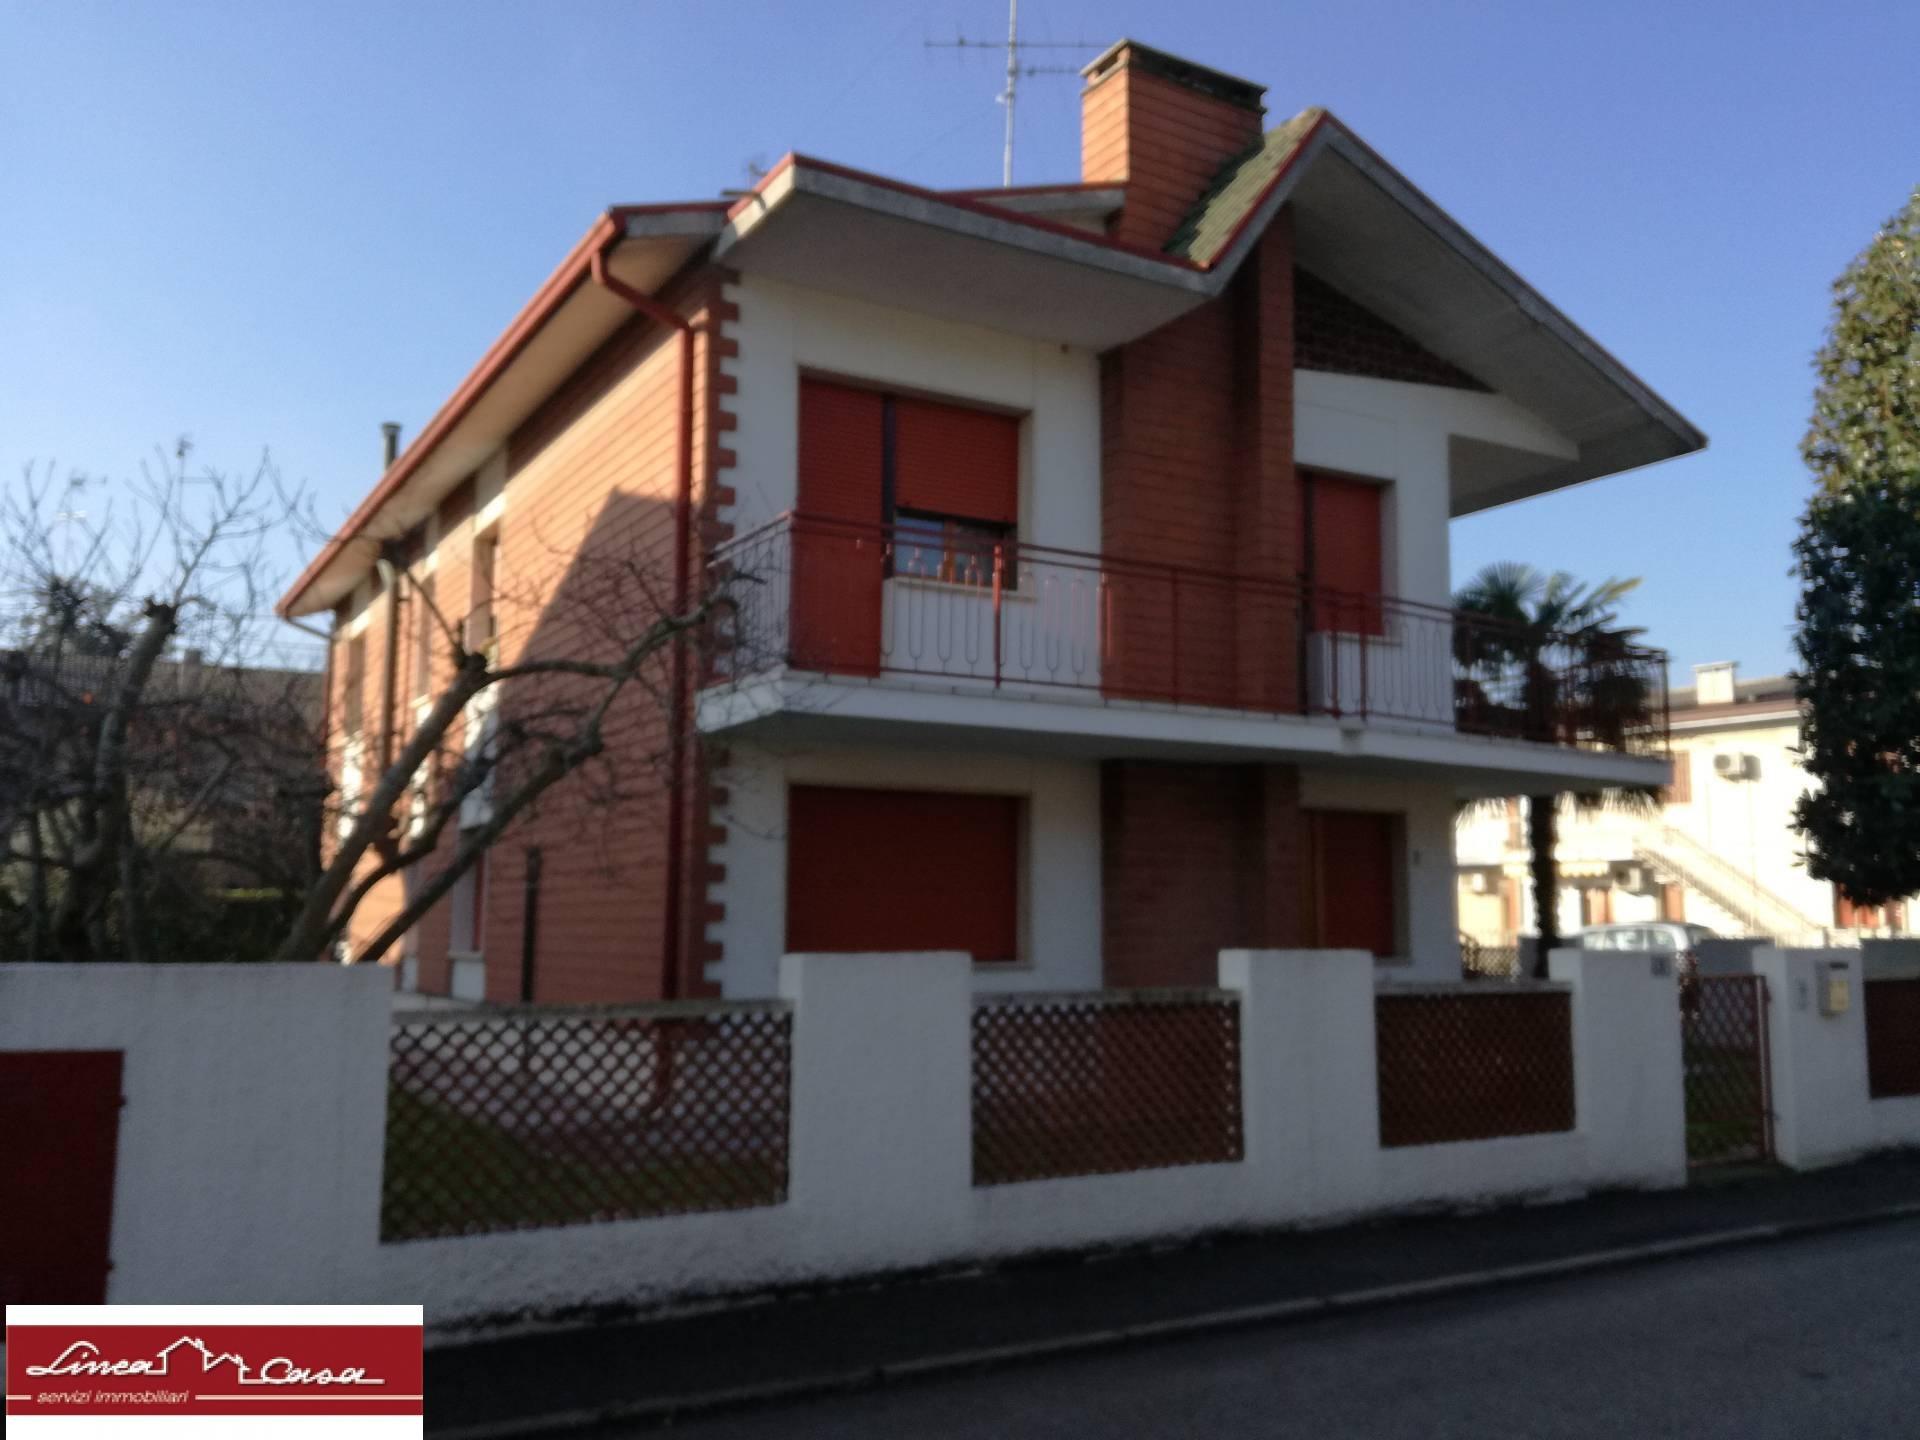 Appartamento in affitto a Portomaggiore, 4 locali, zona Località: Portomaggiore, prezzo € 380 | Cambio Casa.it